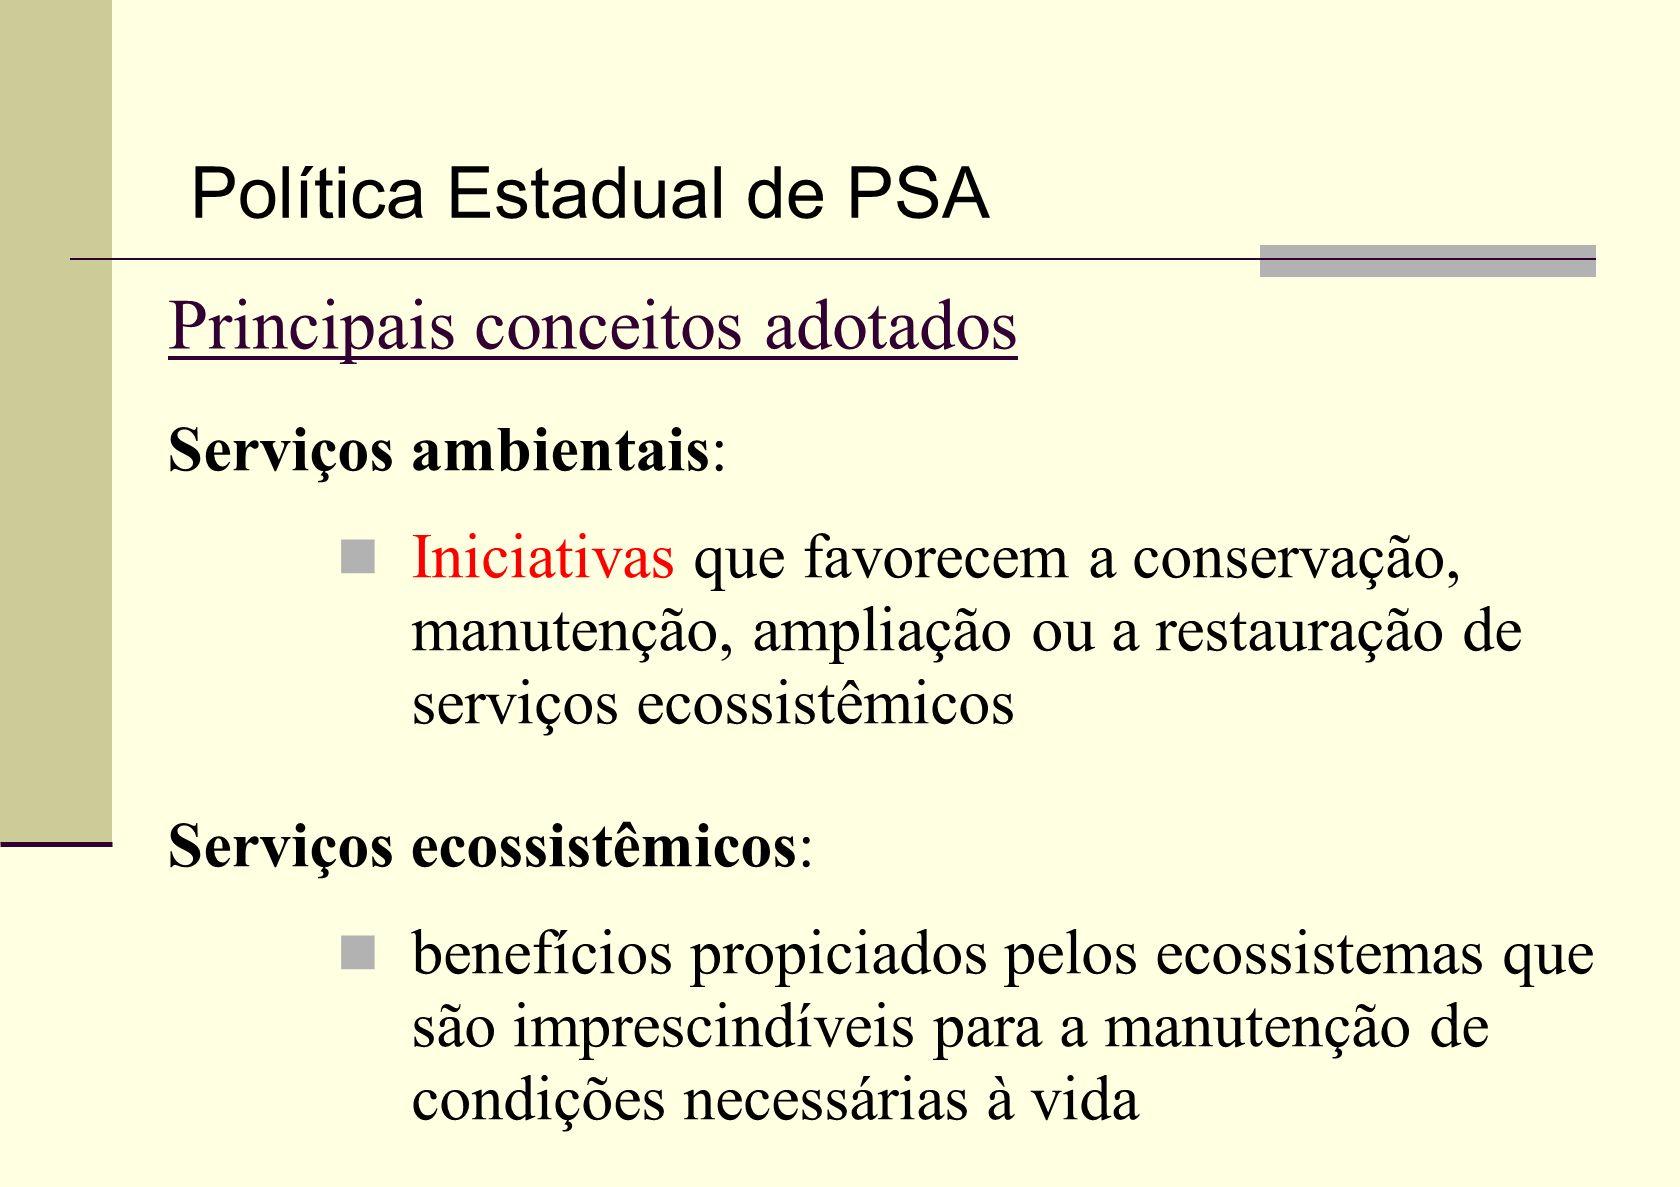 Principais conceitos adotados Serviços ambientais: Iniciativas que favorecem a conservação, manutenção, ampliação ou a restauração de serviços ecossis